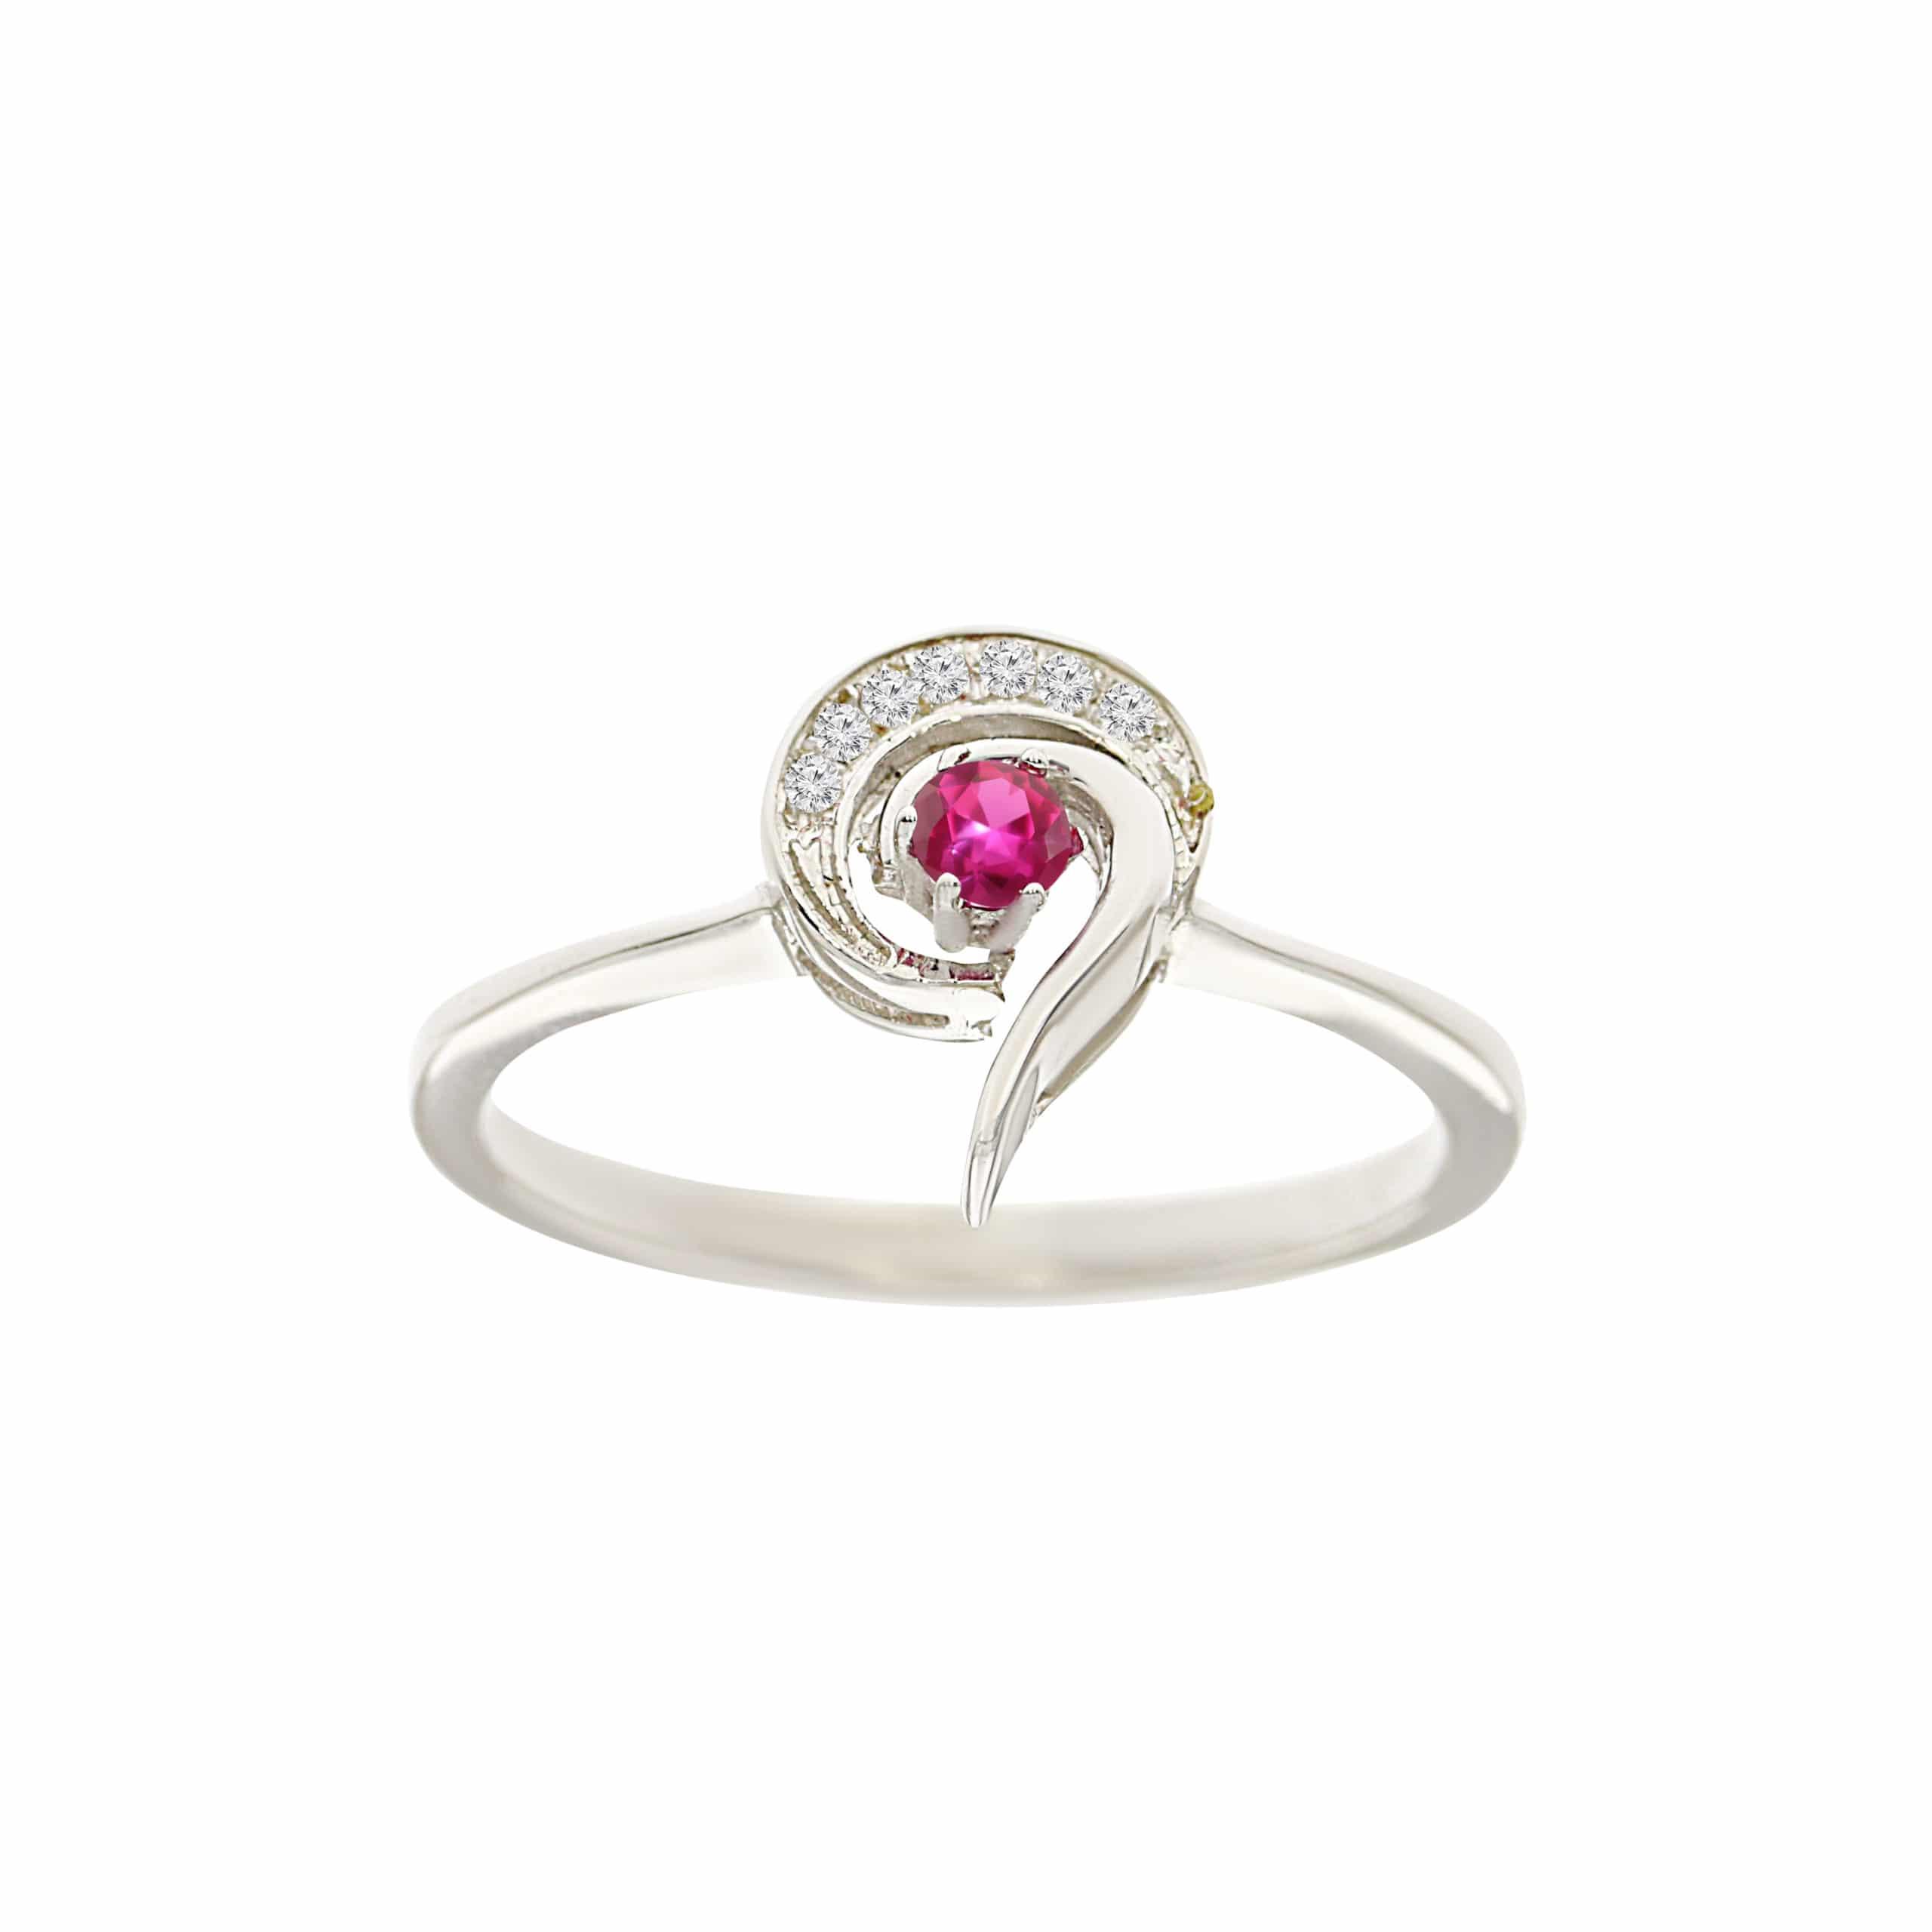 טבעת אבן רובי 0.10 קראט, זהב-לבן 14 קראט, משובצת יהלומים